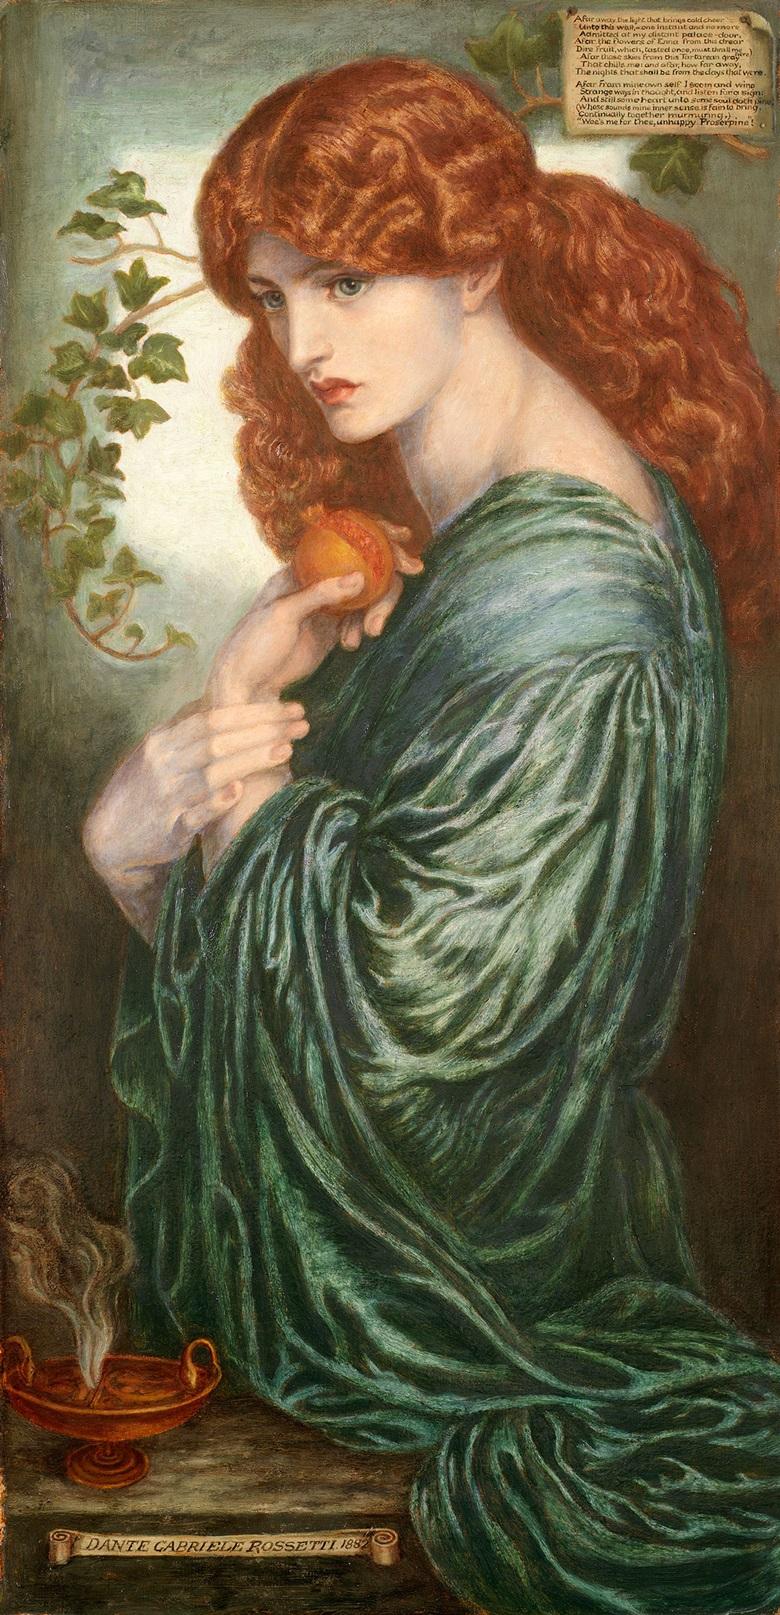 罗塞蒂,《普西芬妮》,1881至1882年作。油彩 画布。伯明翰博物馆信托基金